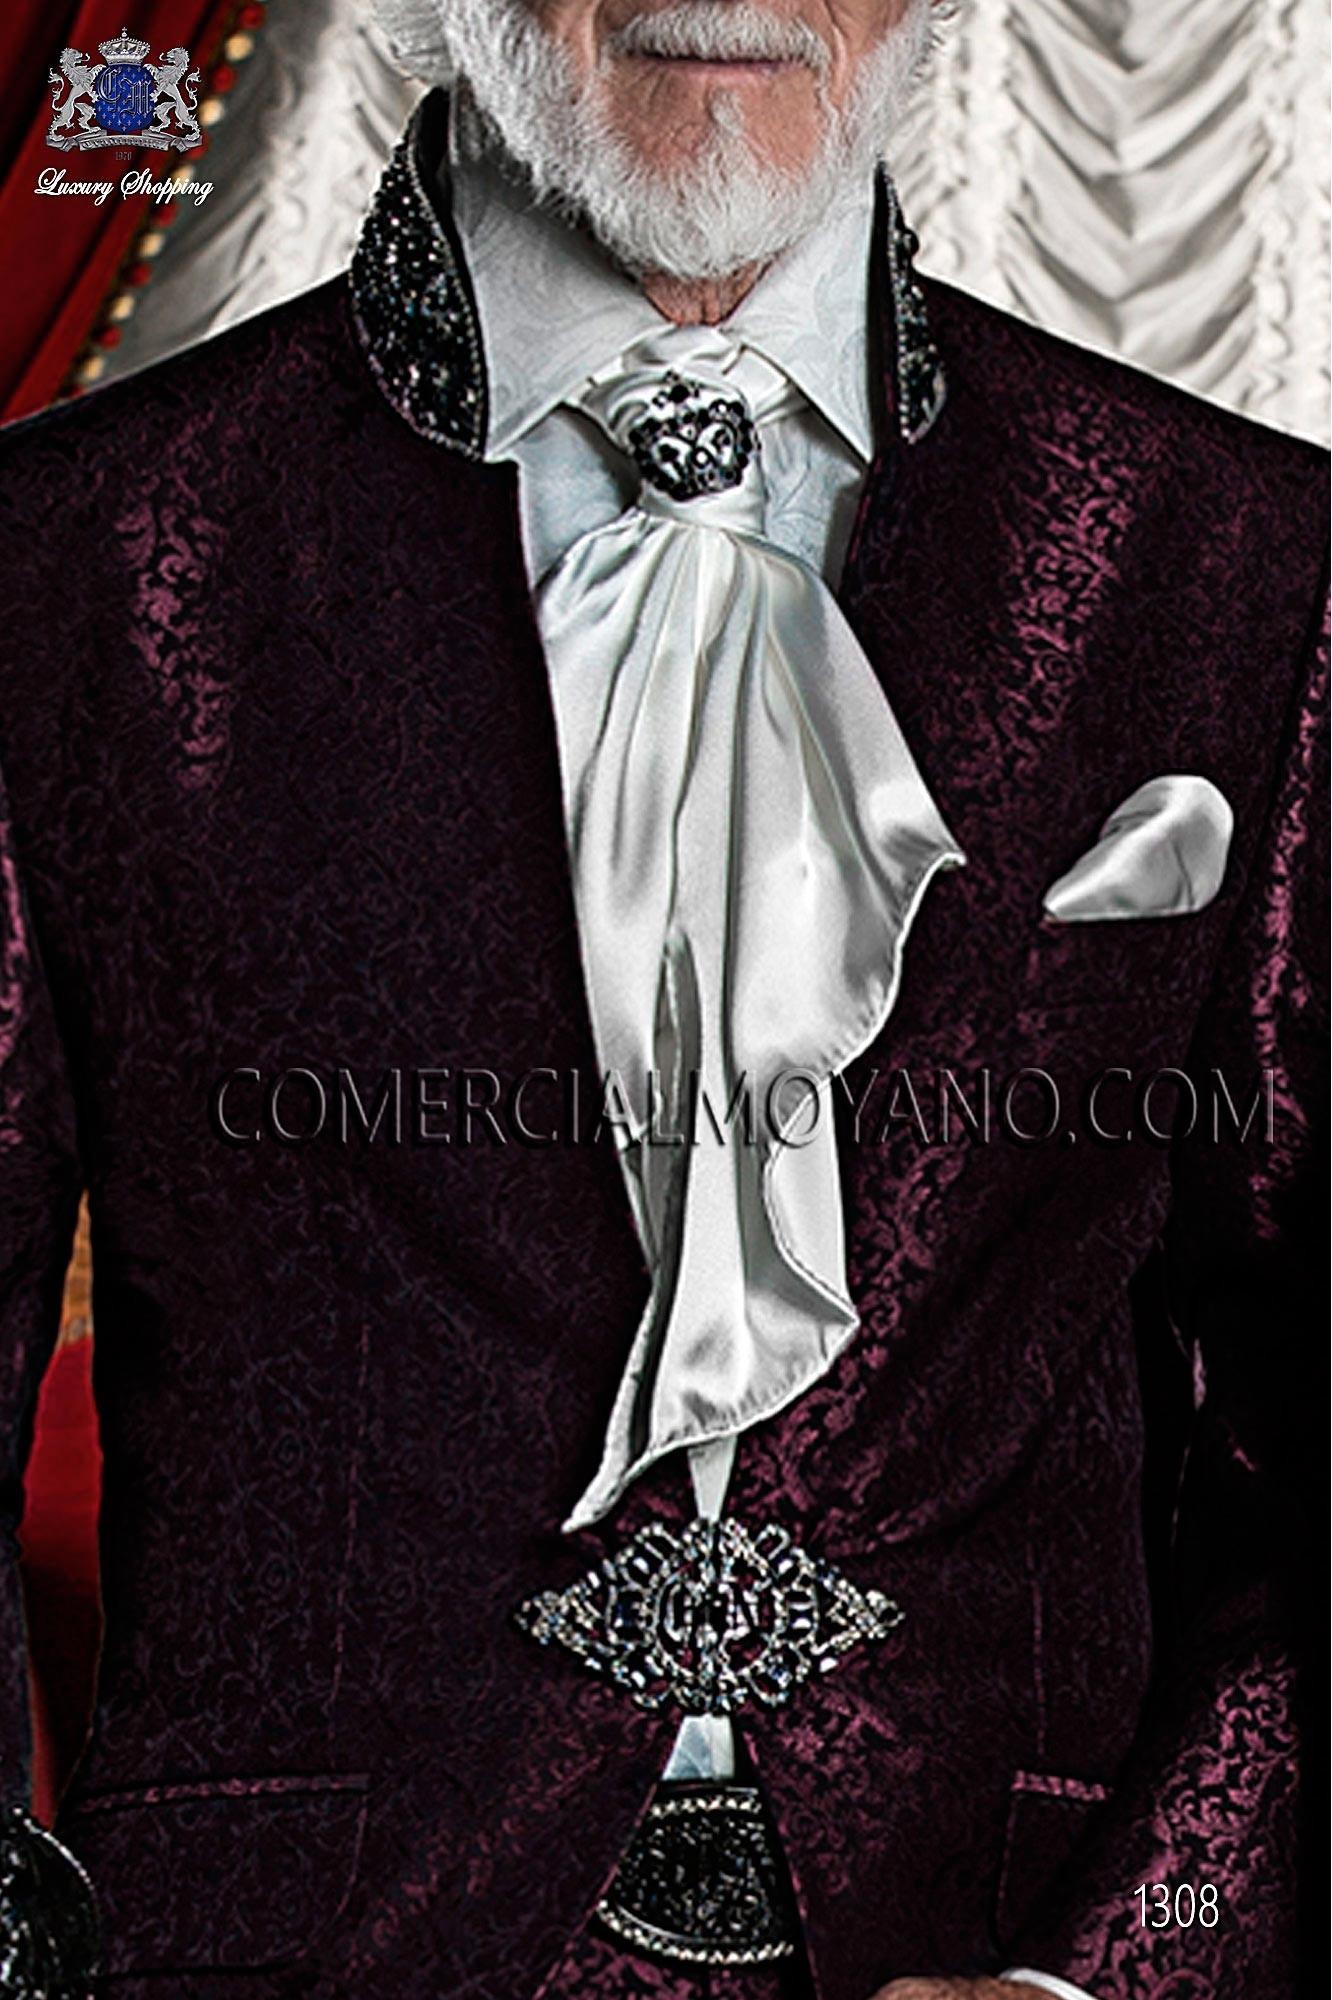 Traje barroco de novio burdeos-negro modelo: 1308 Ottavio Nuccio Gala colección Barroco